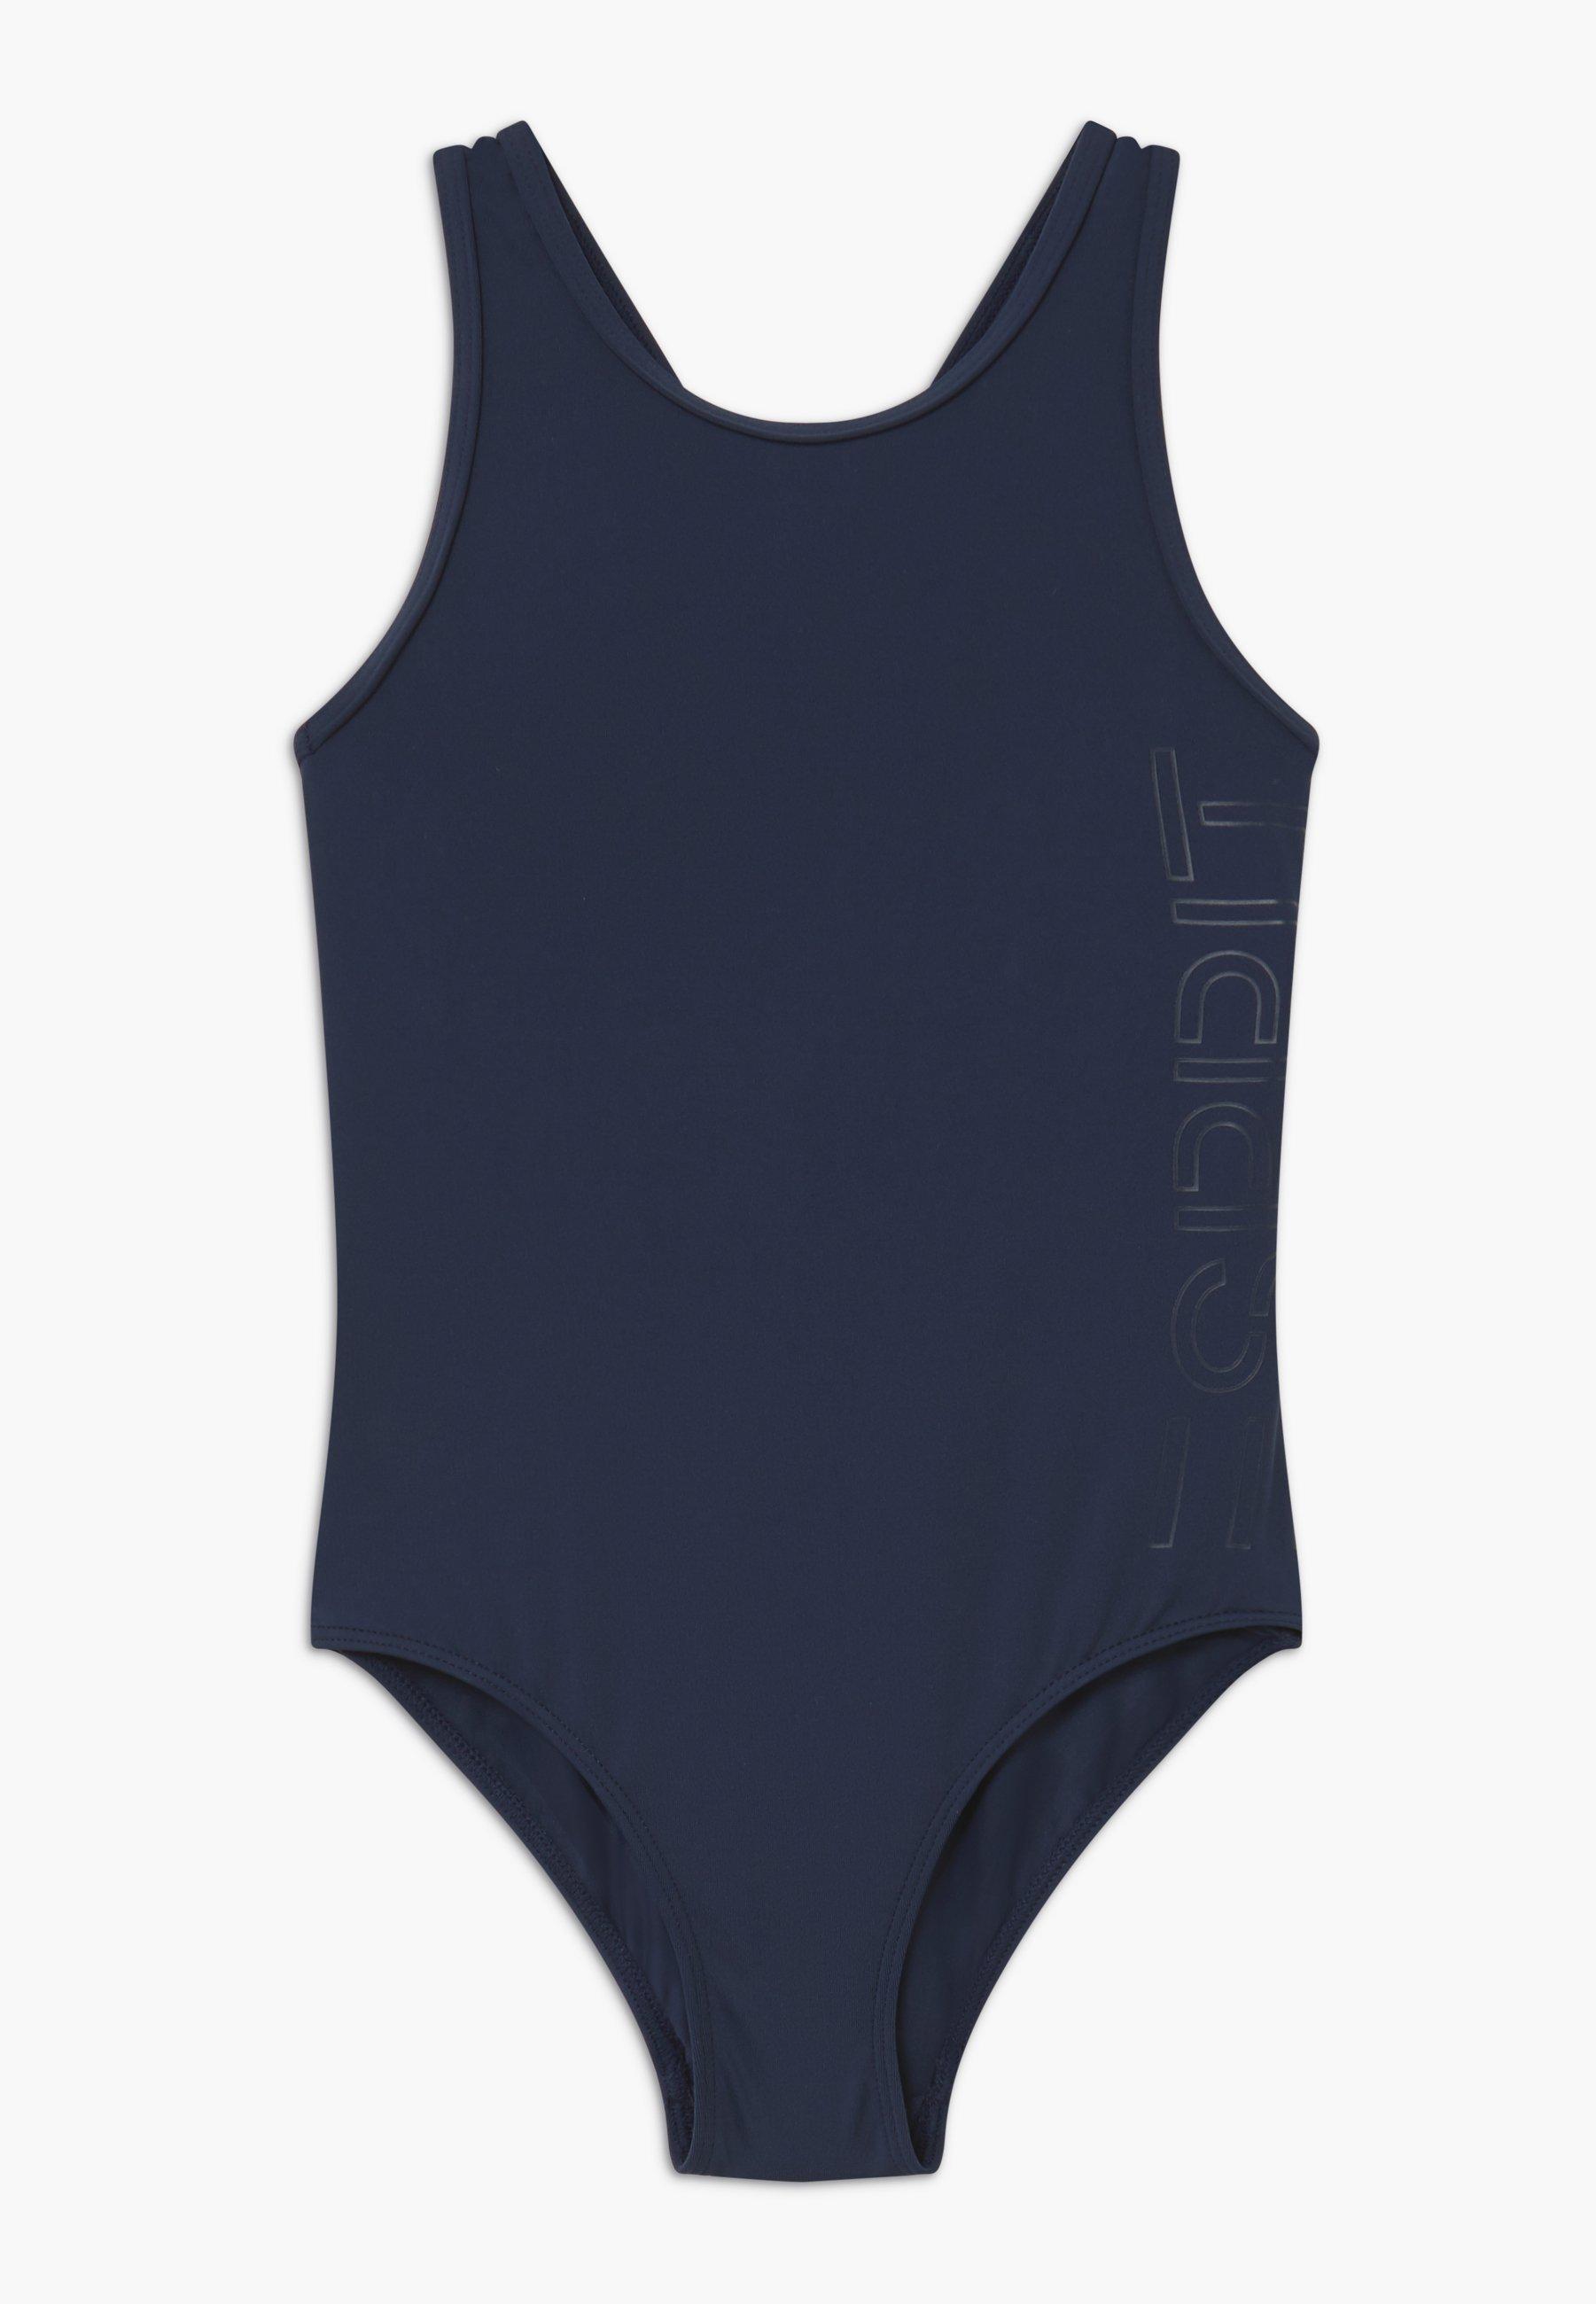 Kinder BASIC NOOS - Badeanzug - navy